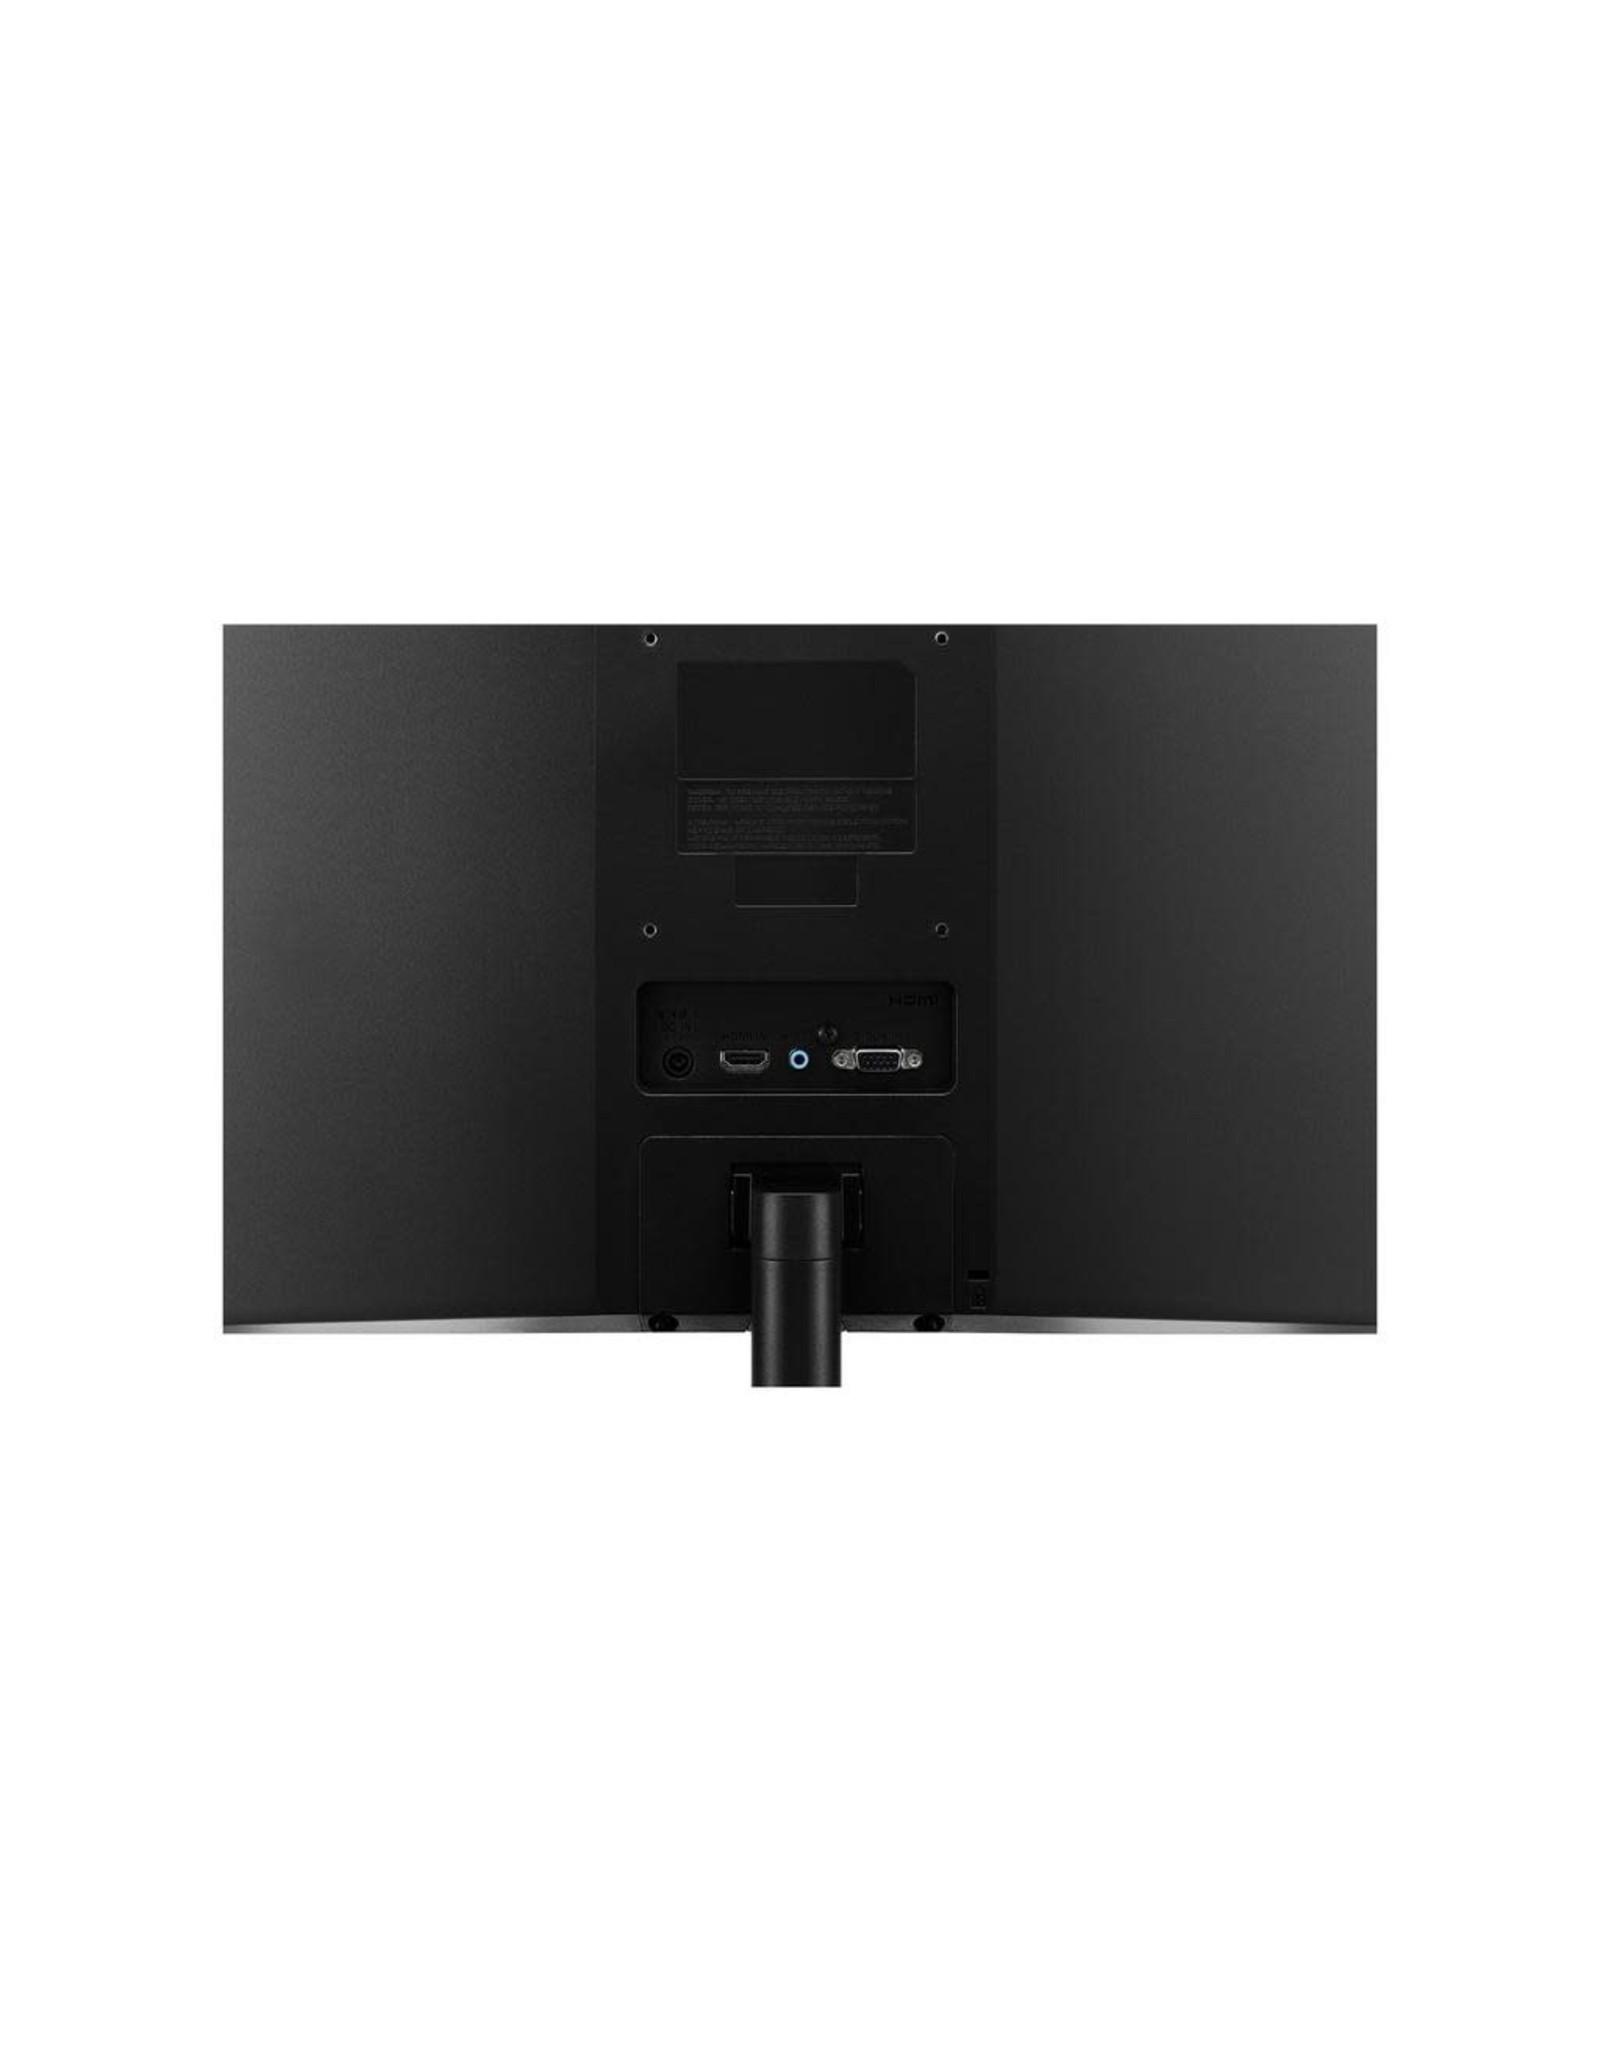 LG LG 27in IPS VGA/DVI/HDMI Display (16:9) 1920x1080 Tilt Stand VESA